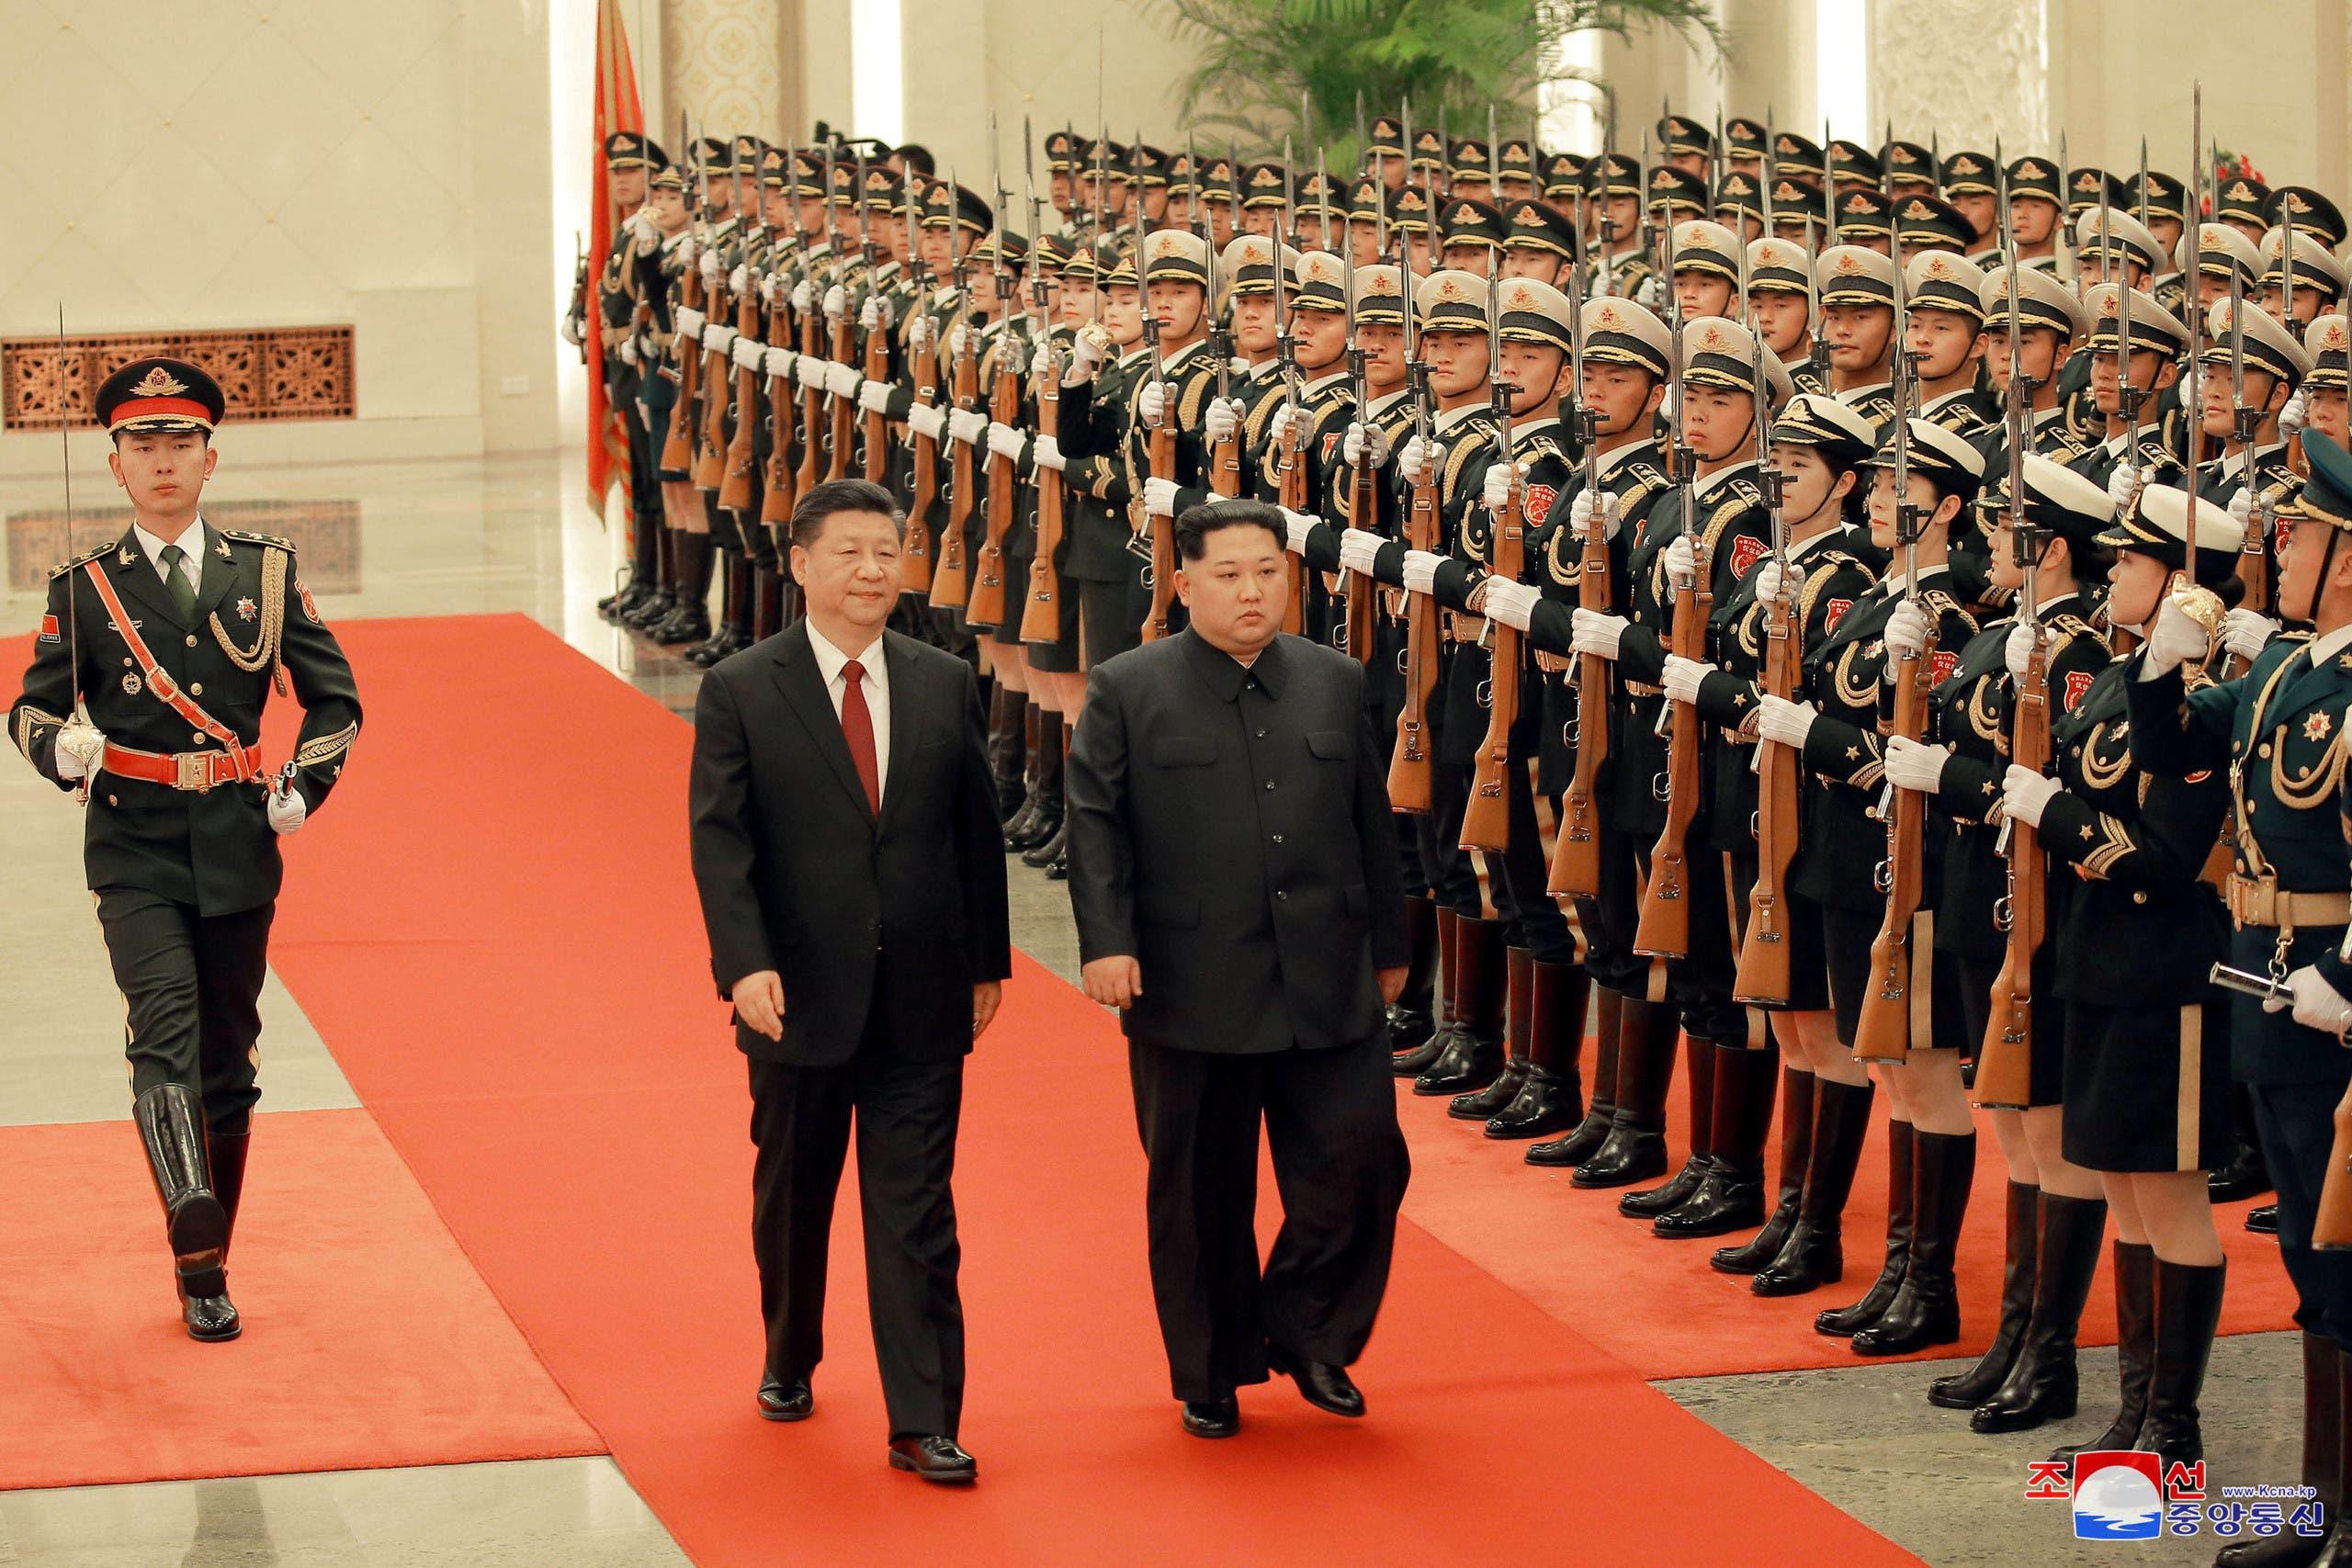 زعيم كوريا الشمالية حرس الشرف بكين